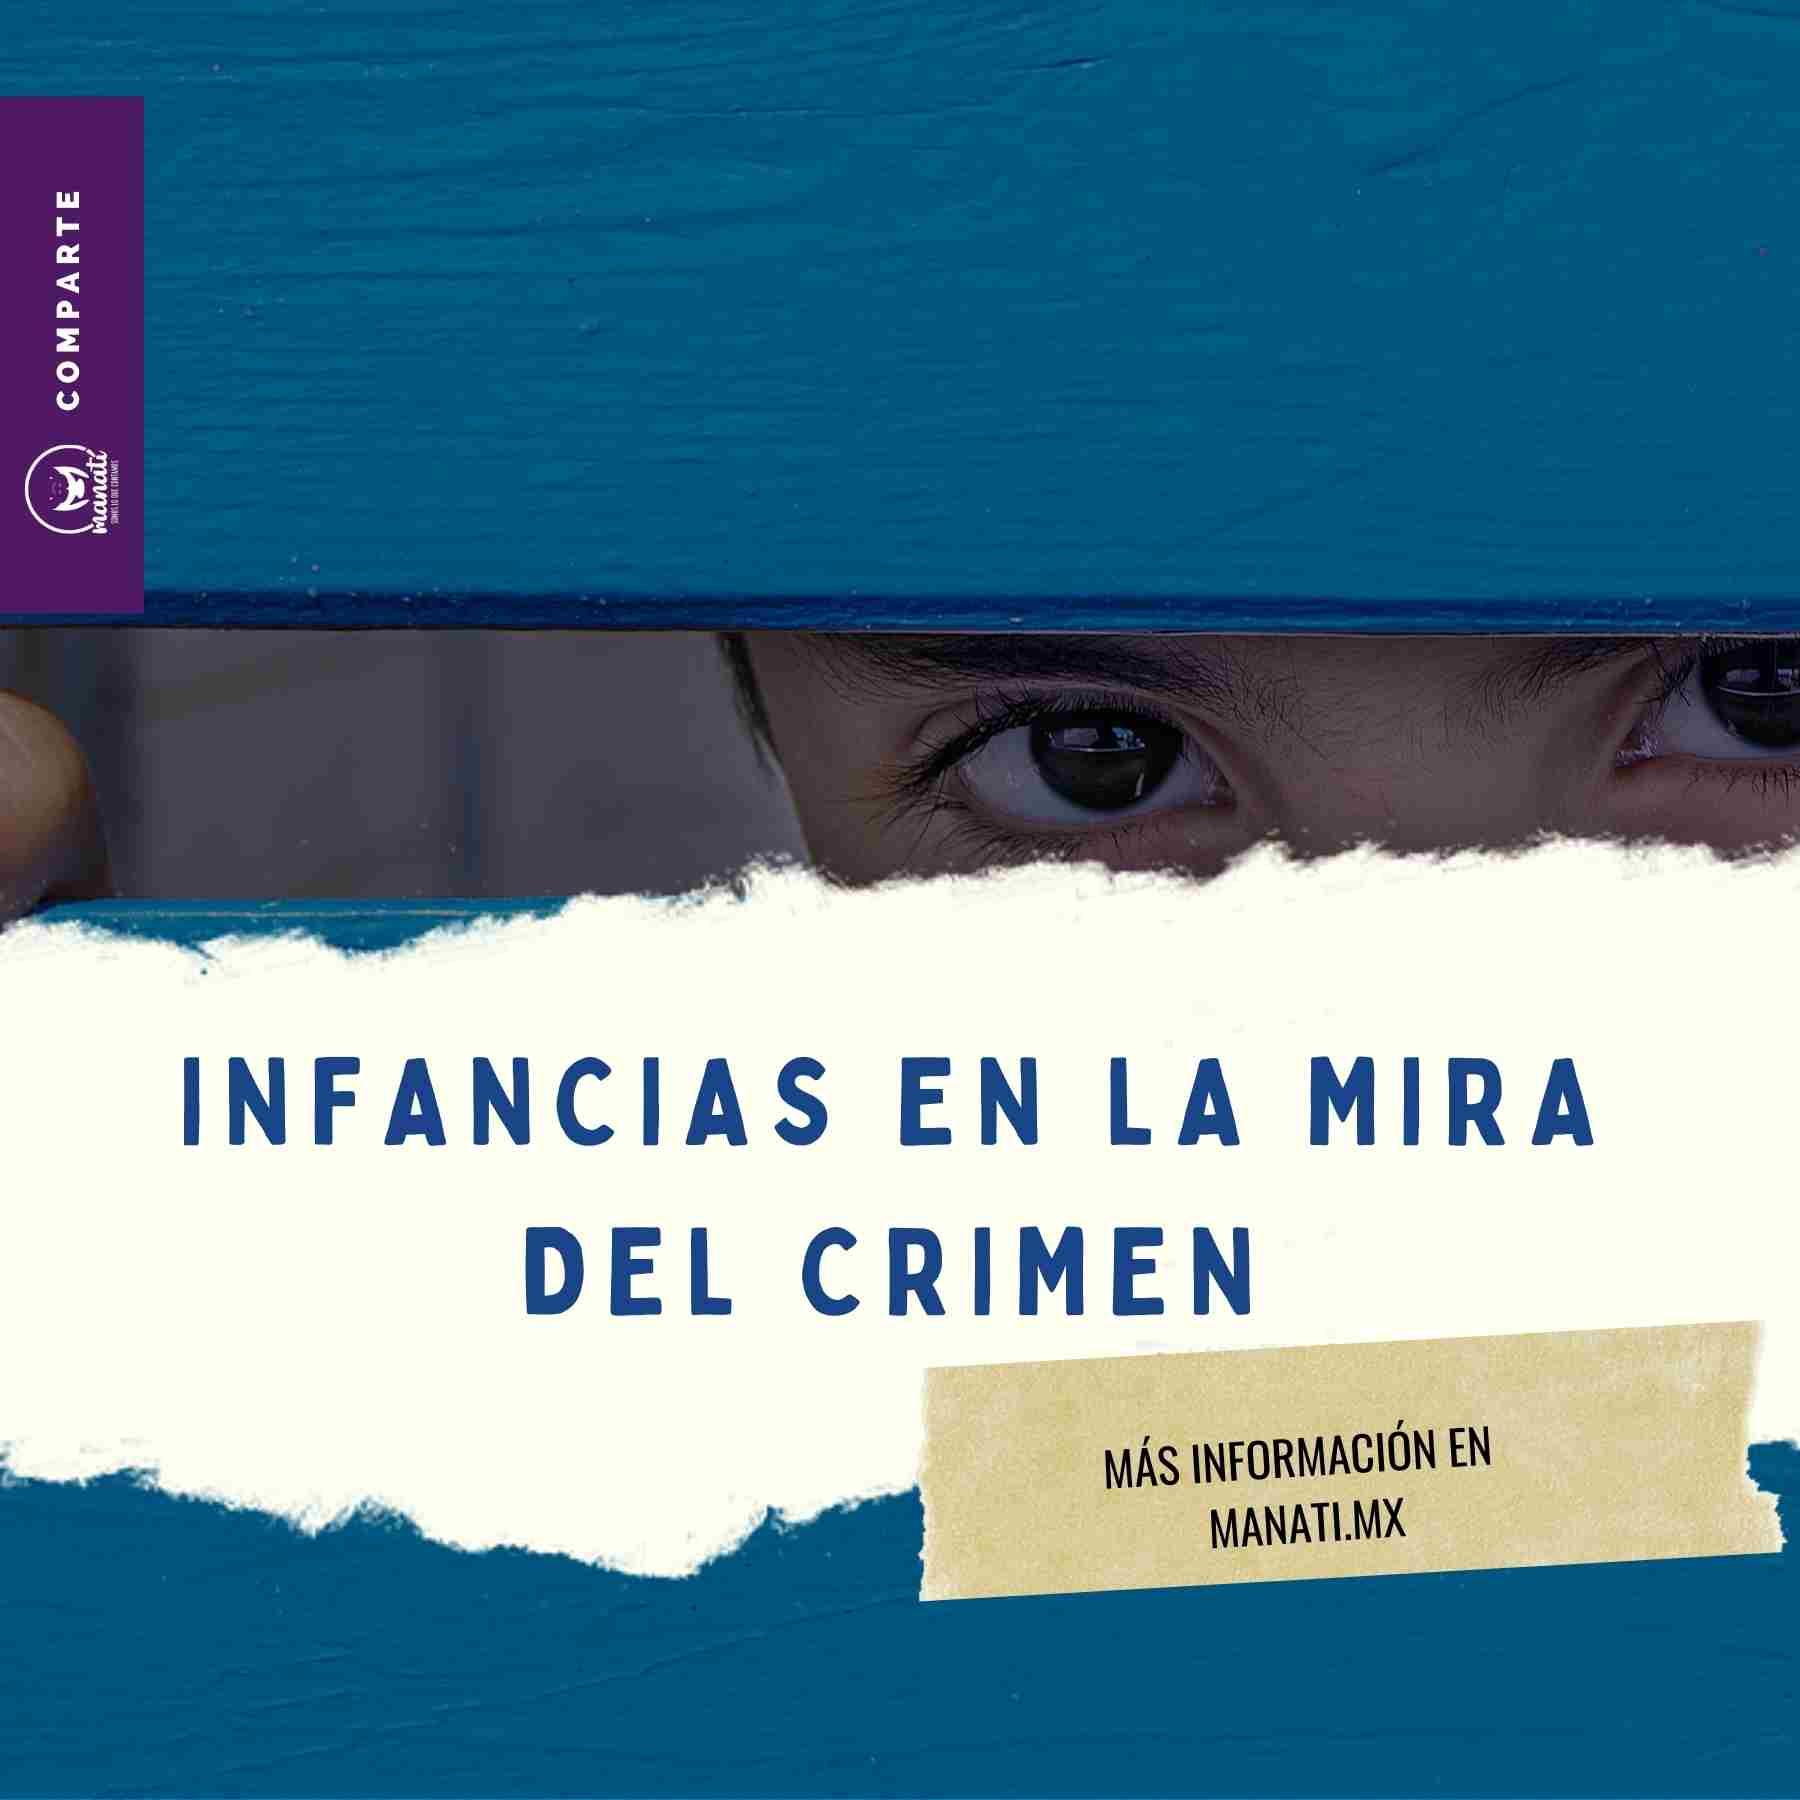 infancias en la mira del crimen